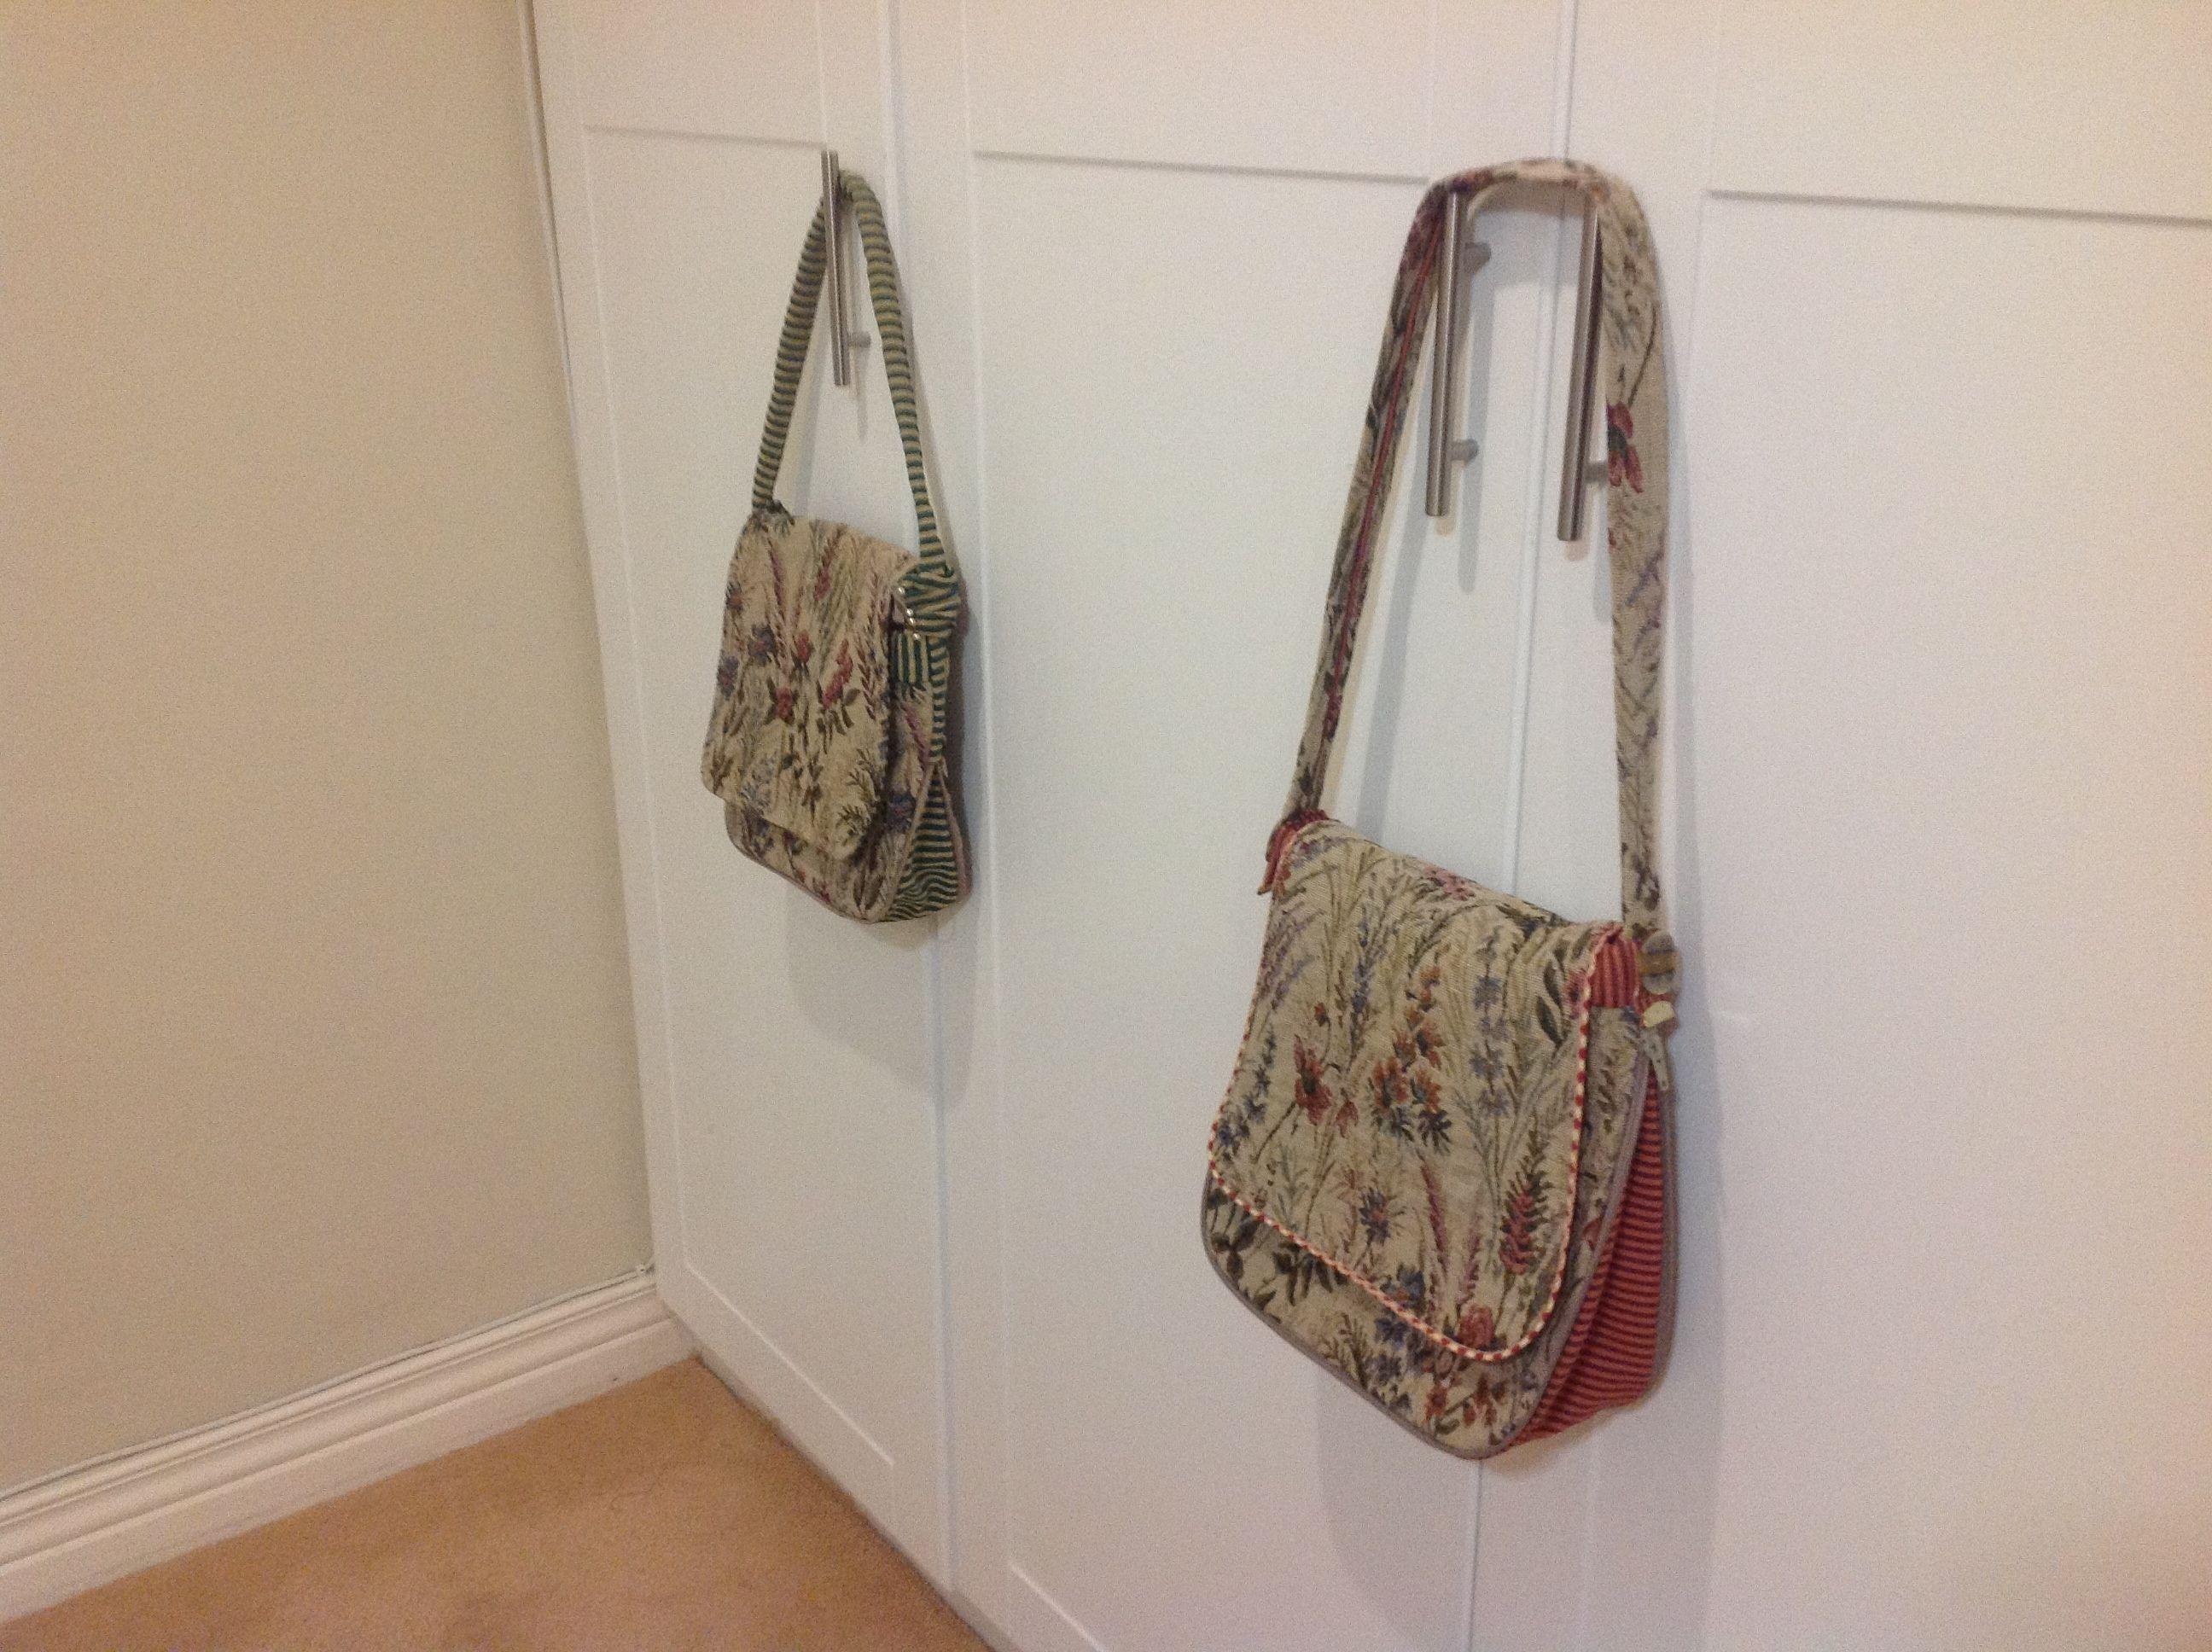 More side zip bags